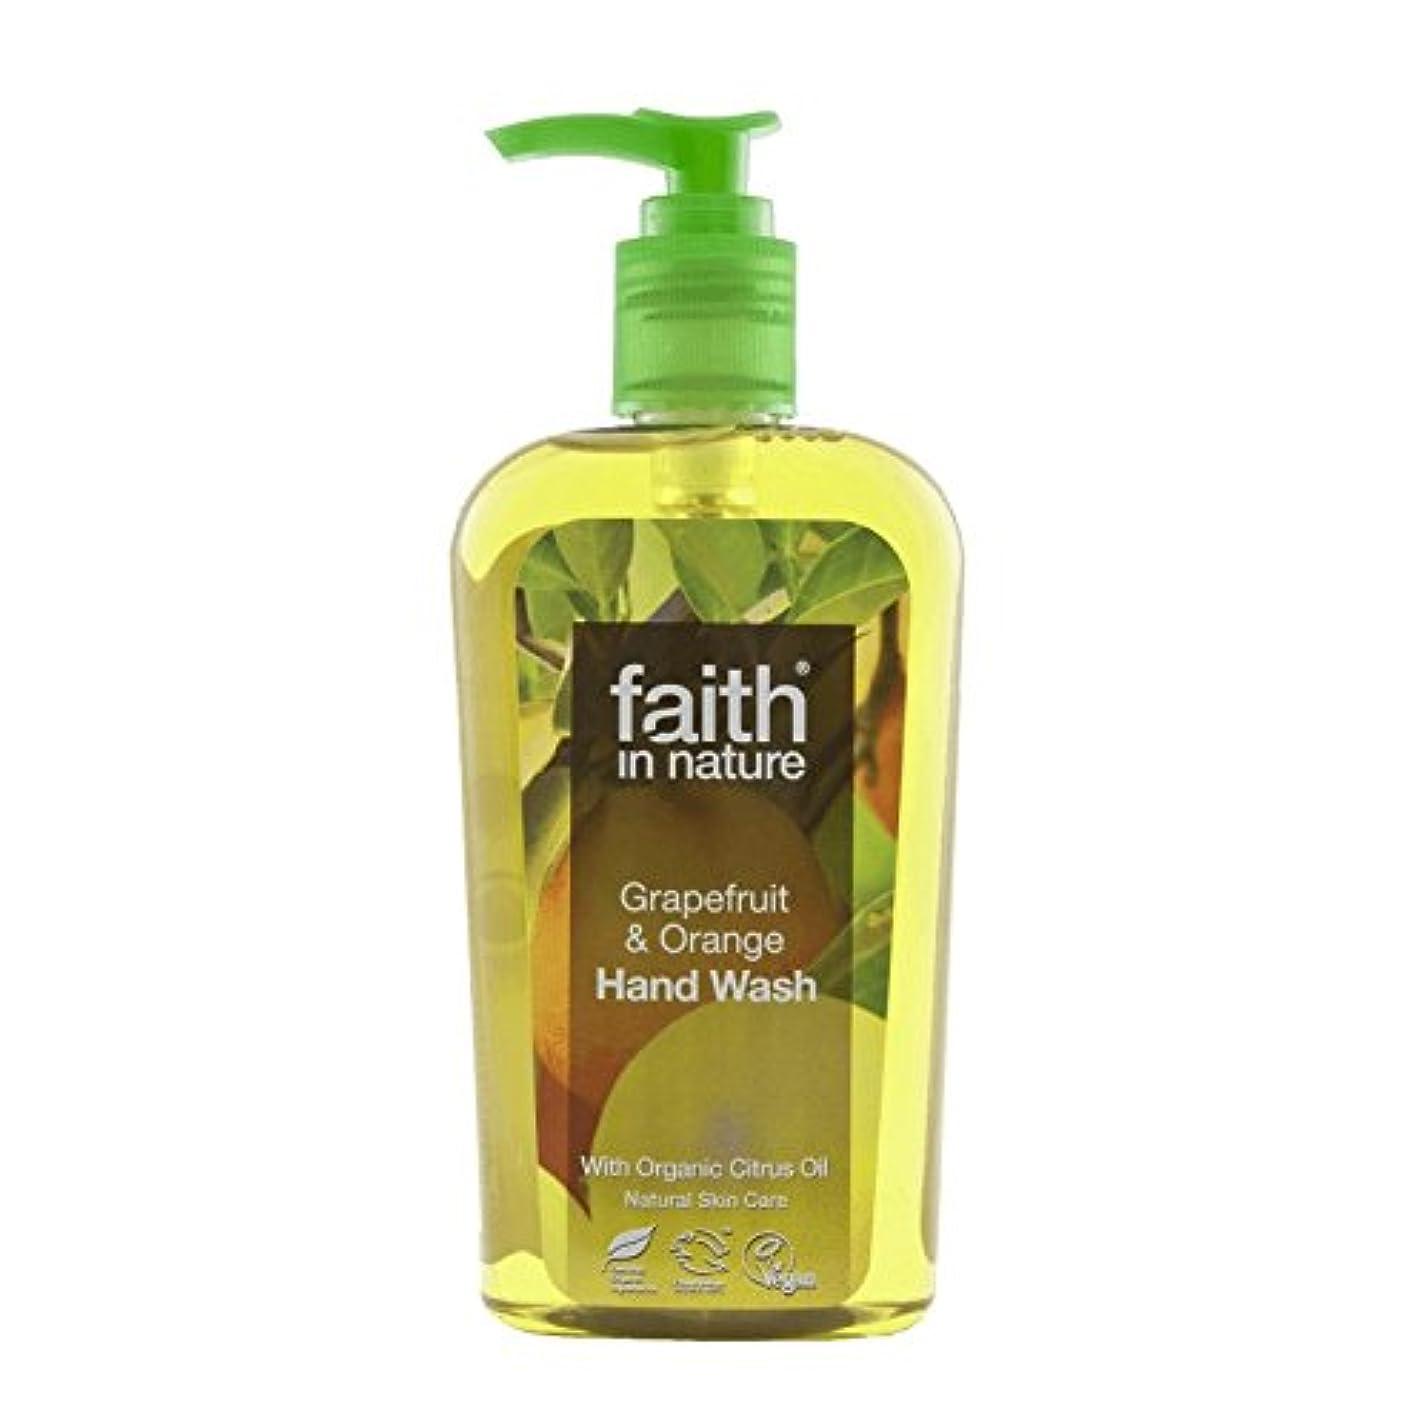 牛肉哲学者読みやすさFaith In Nature Grapefruit & Orange Handwash 300ml (Pack of 2) - 自然グレープフルーツ&オレンジ手洗いの300ミリリットルの信仰 (x2) [並行輸入品]